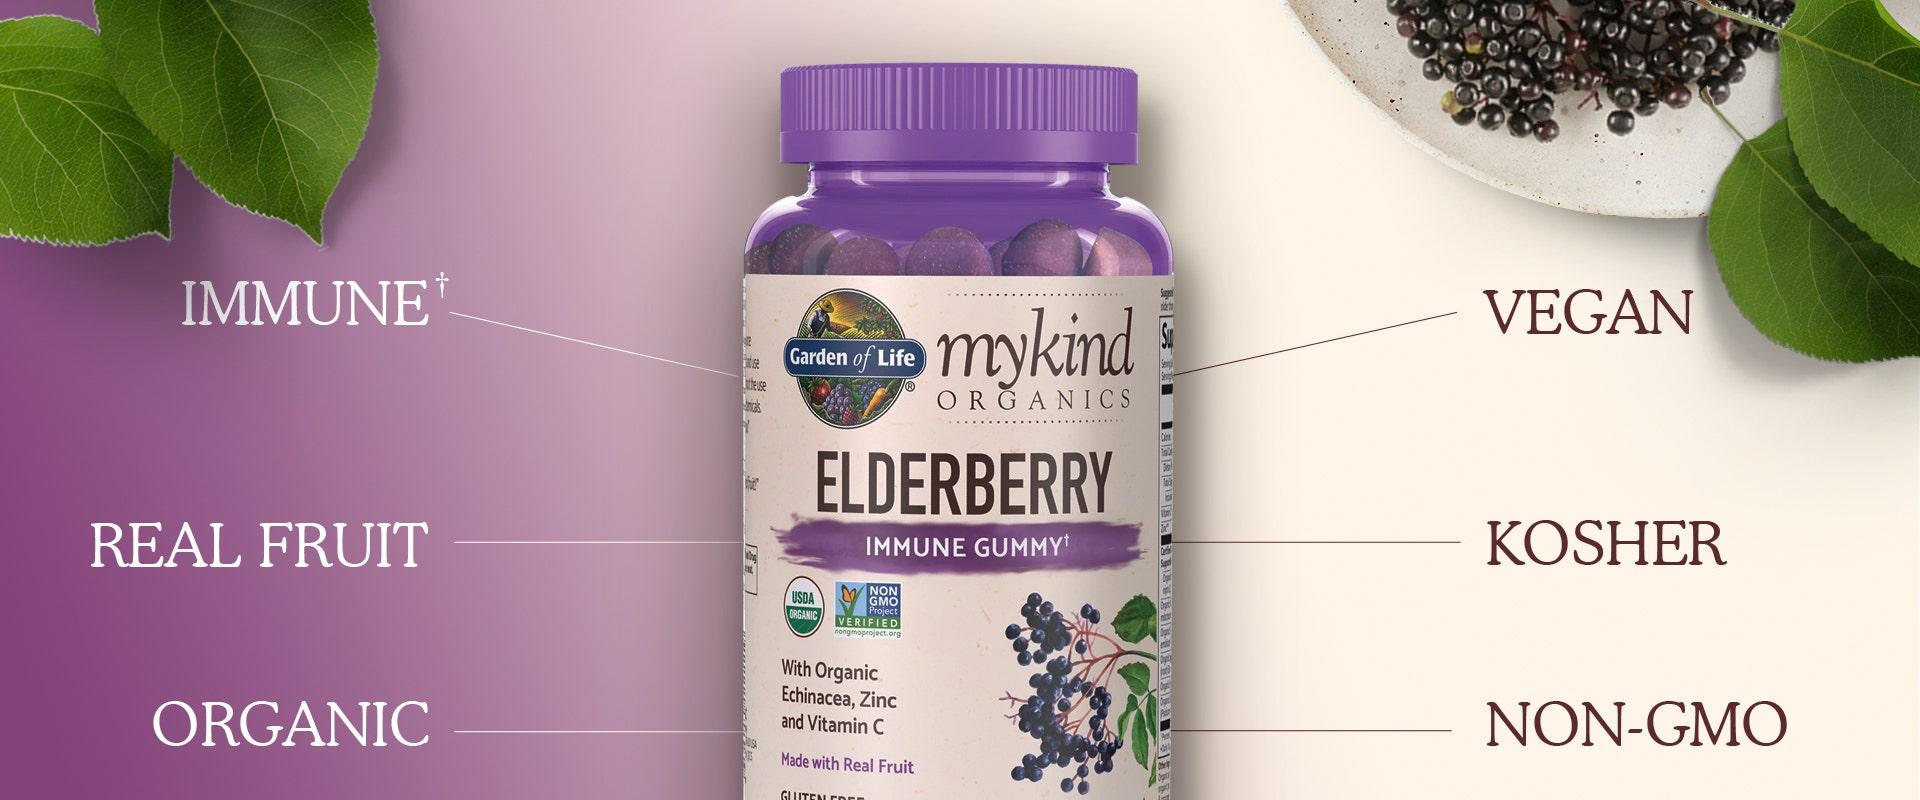 Garden of Life Elderberry Gummies Immune Support by mykind